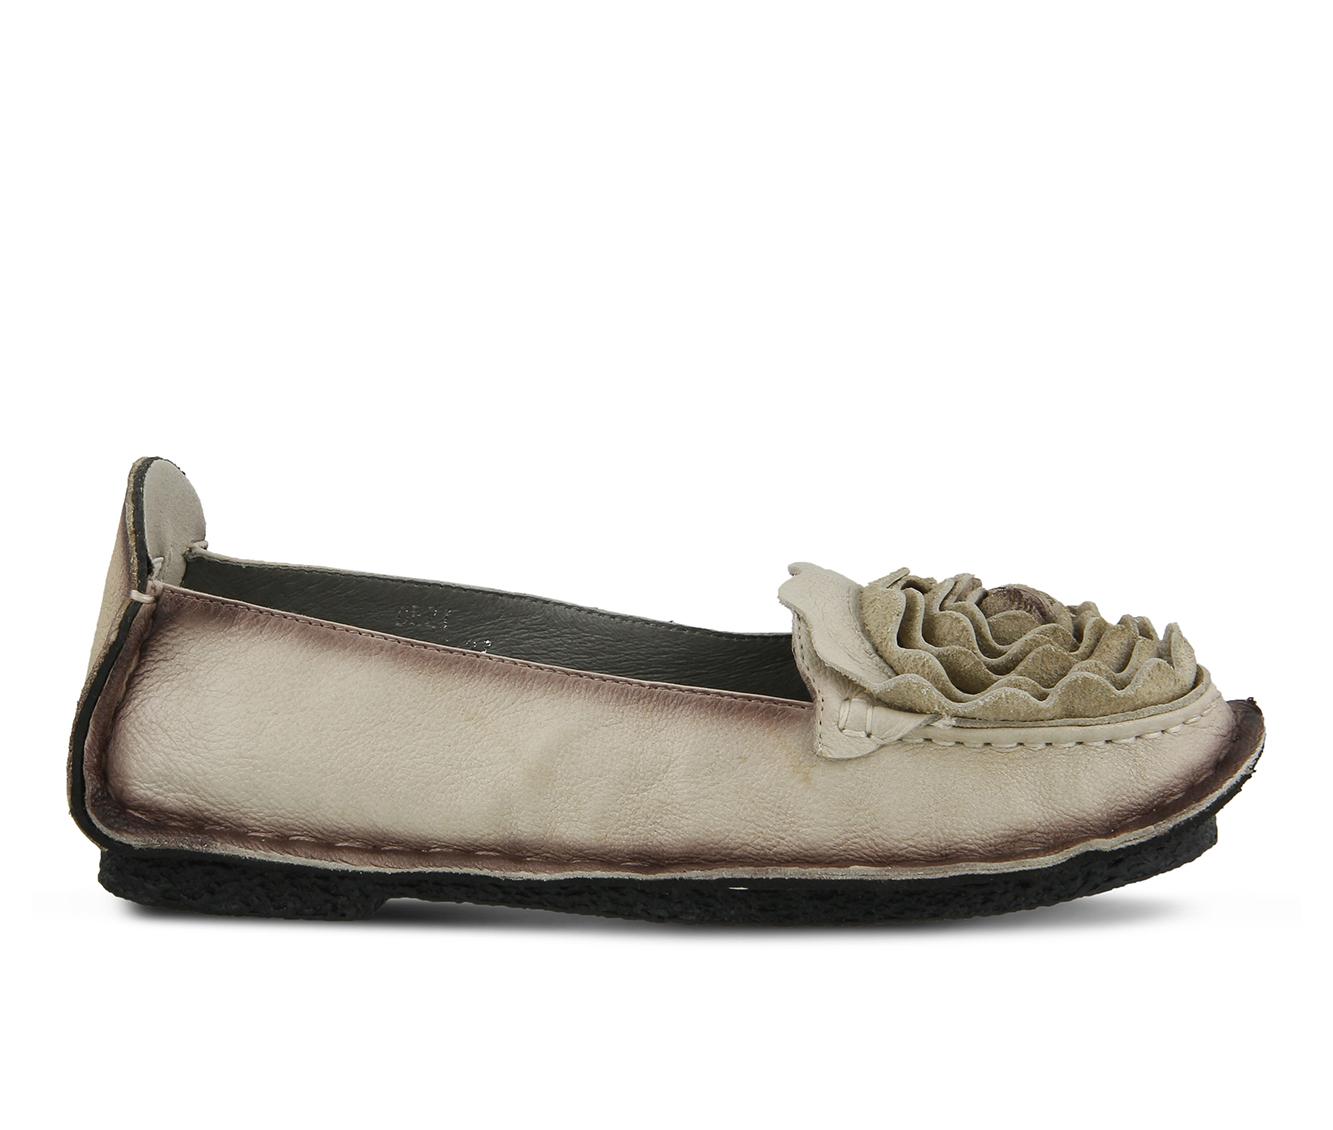 L'Artiste Dezi Women's Shoe (Beige Leather)